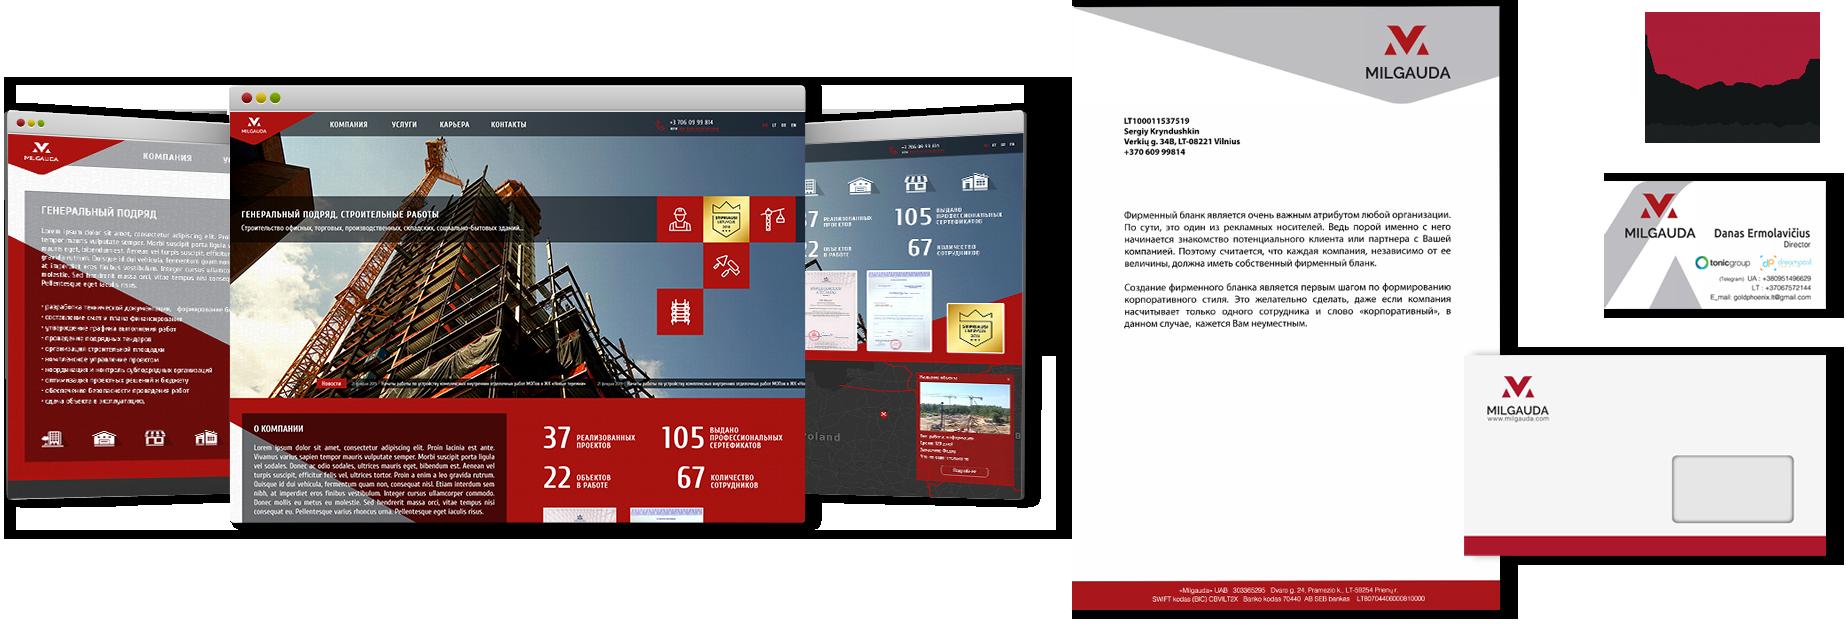 Разработка названия, логотипа и фирменного стиля для логистической и строительной компании в Литве портфолио